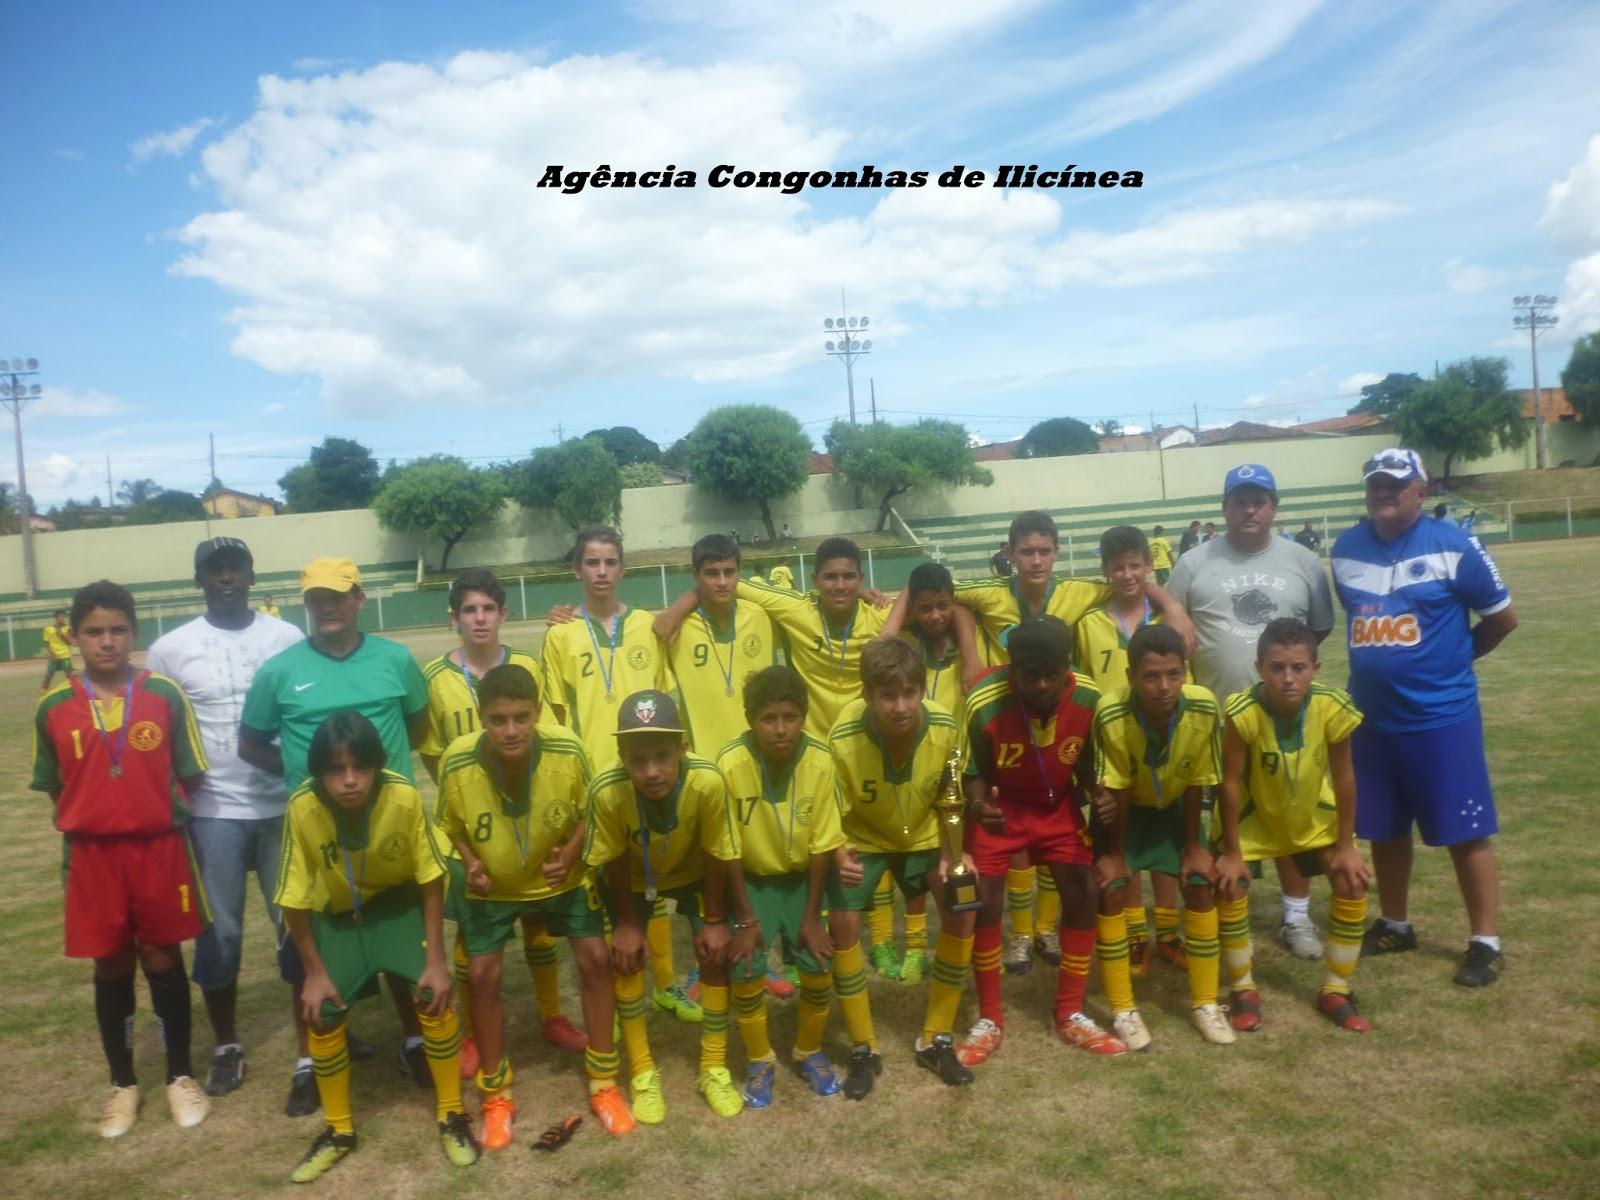 Seletiva de Futebol em Guapé